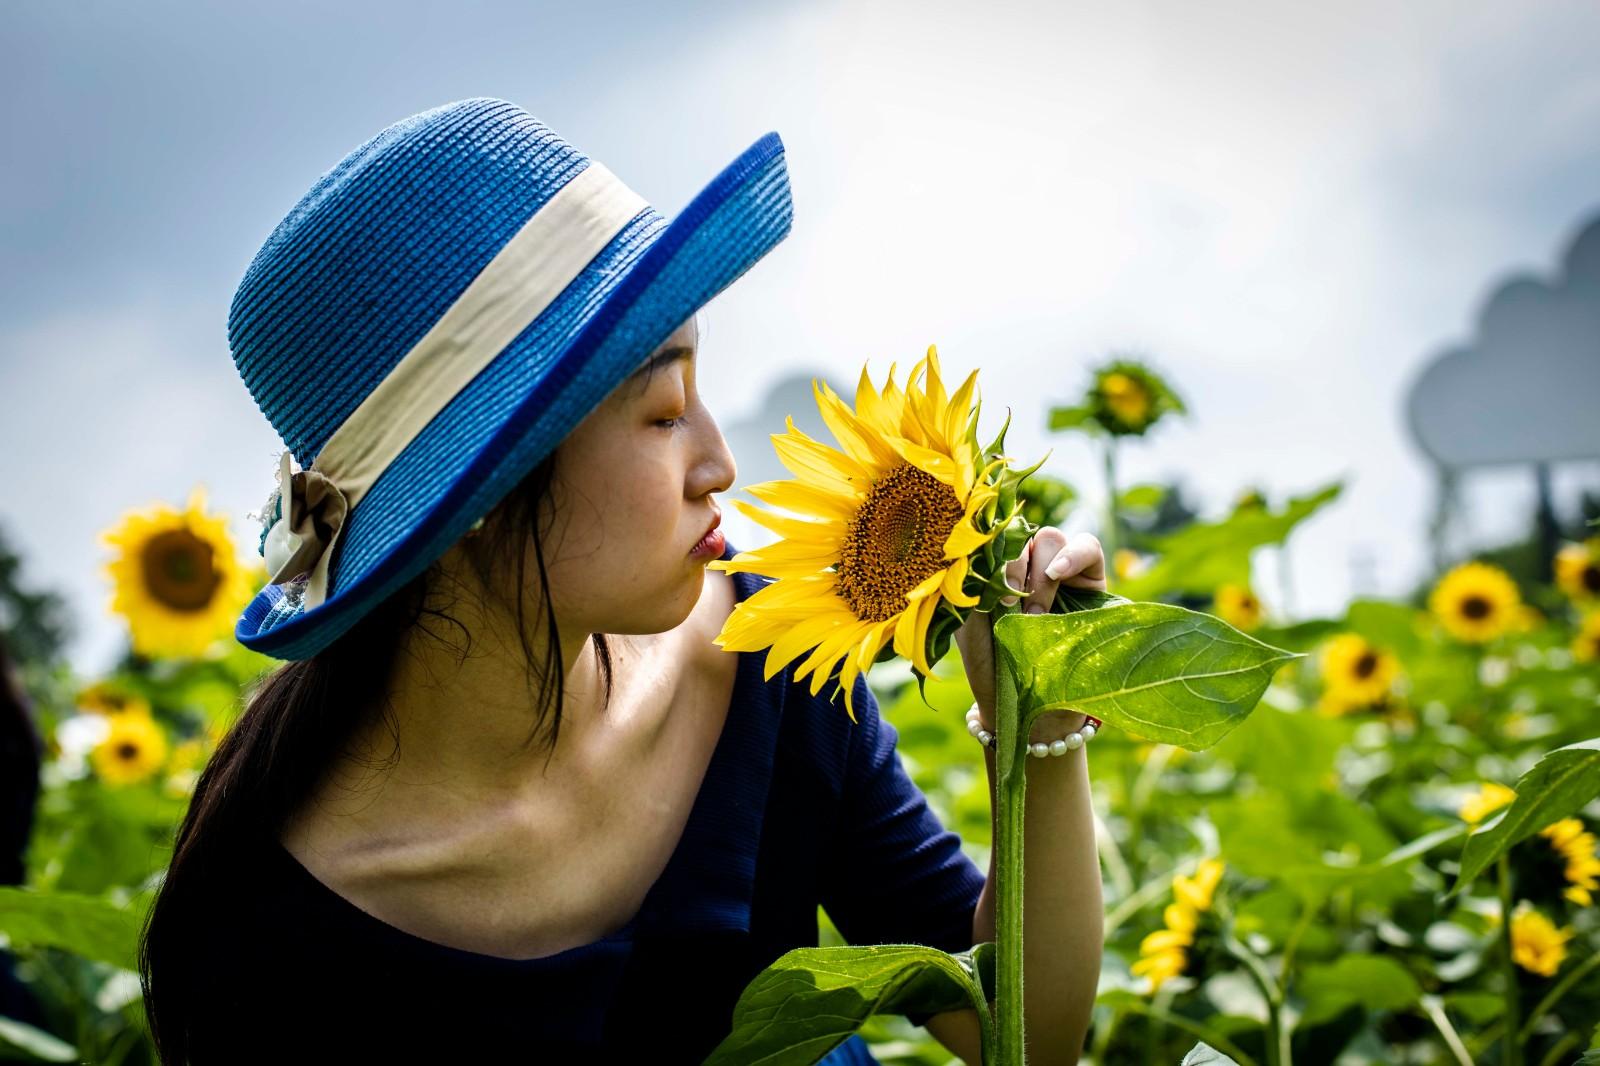 天府芙蓉园内的葵花与美女